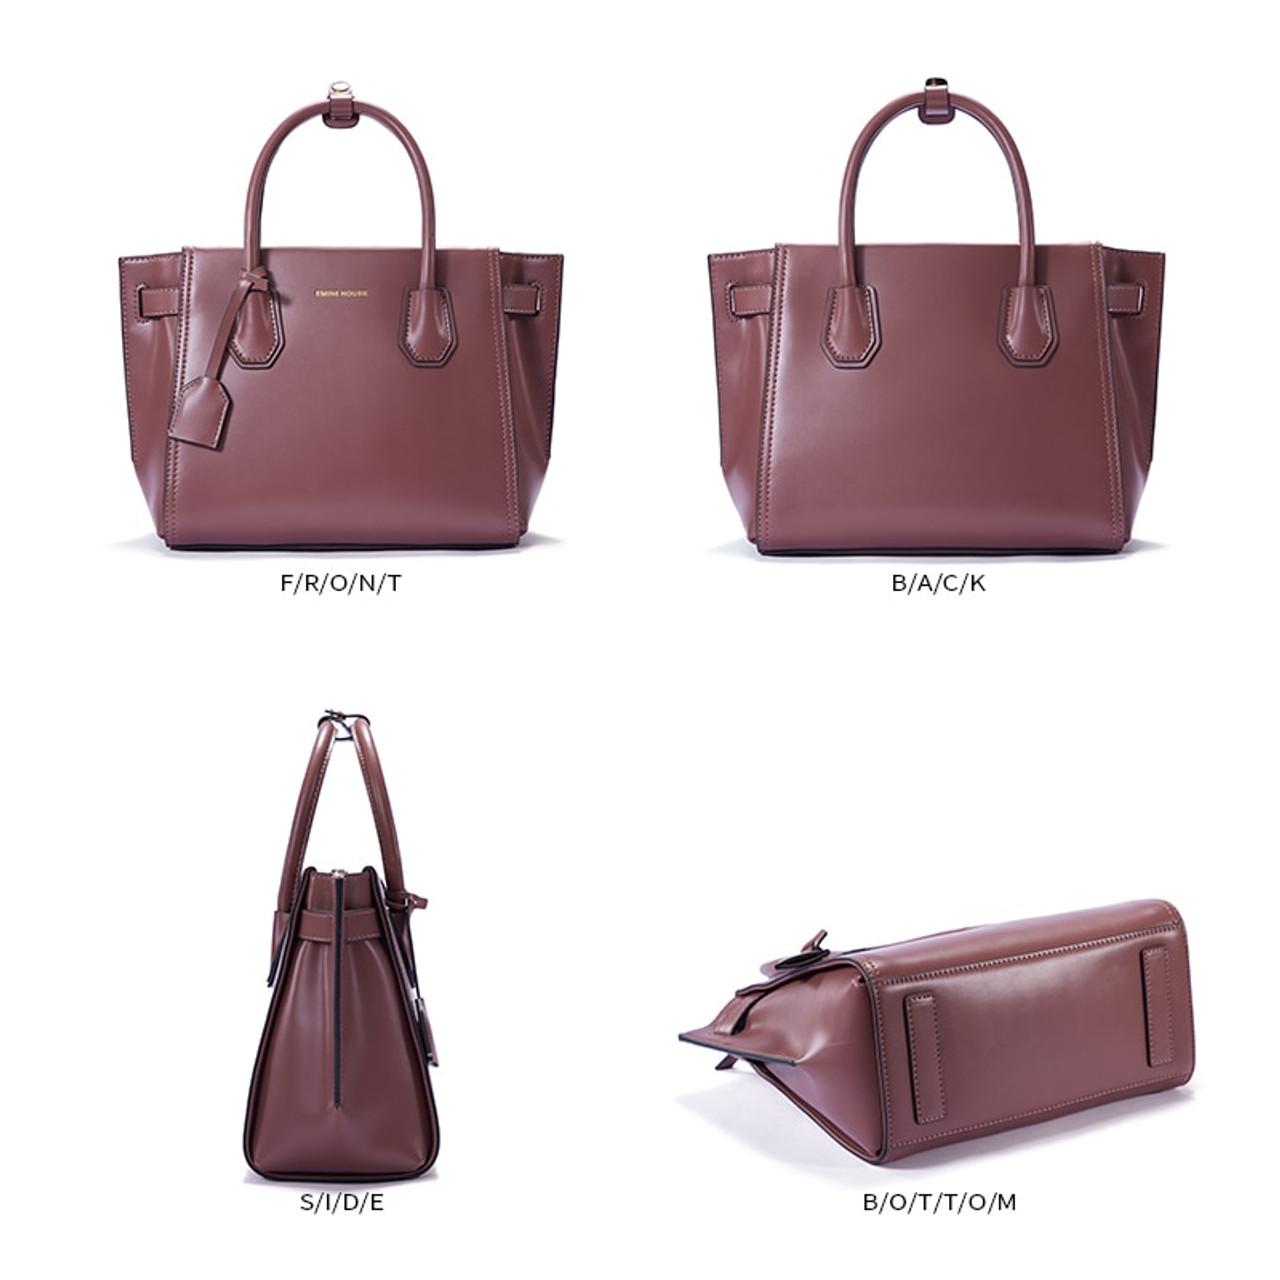 d4e1ca9145b3 EMINI HOUSE Fashion Handbag Luxury Handbags Women Bags Designer Split  Leather Crossbody Bags For Women Messenger Bag